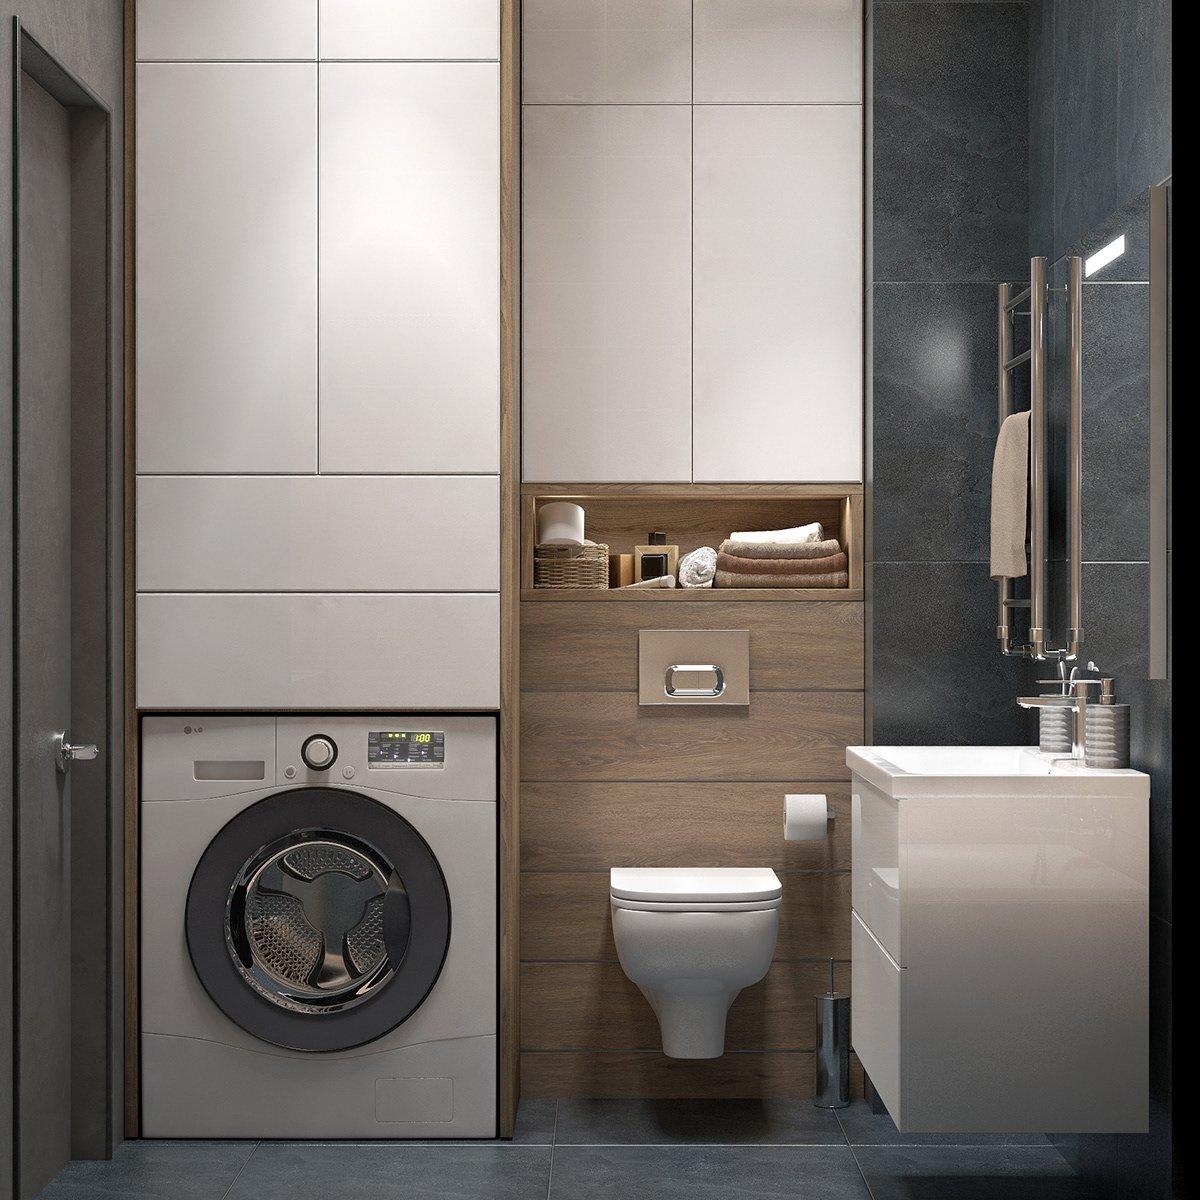 Kiến trúc sư tư vấn thiết kế căn hộ 64m² với chi phí 145 triệu đồng - Ảnh 10.